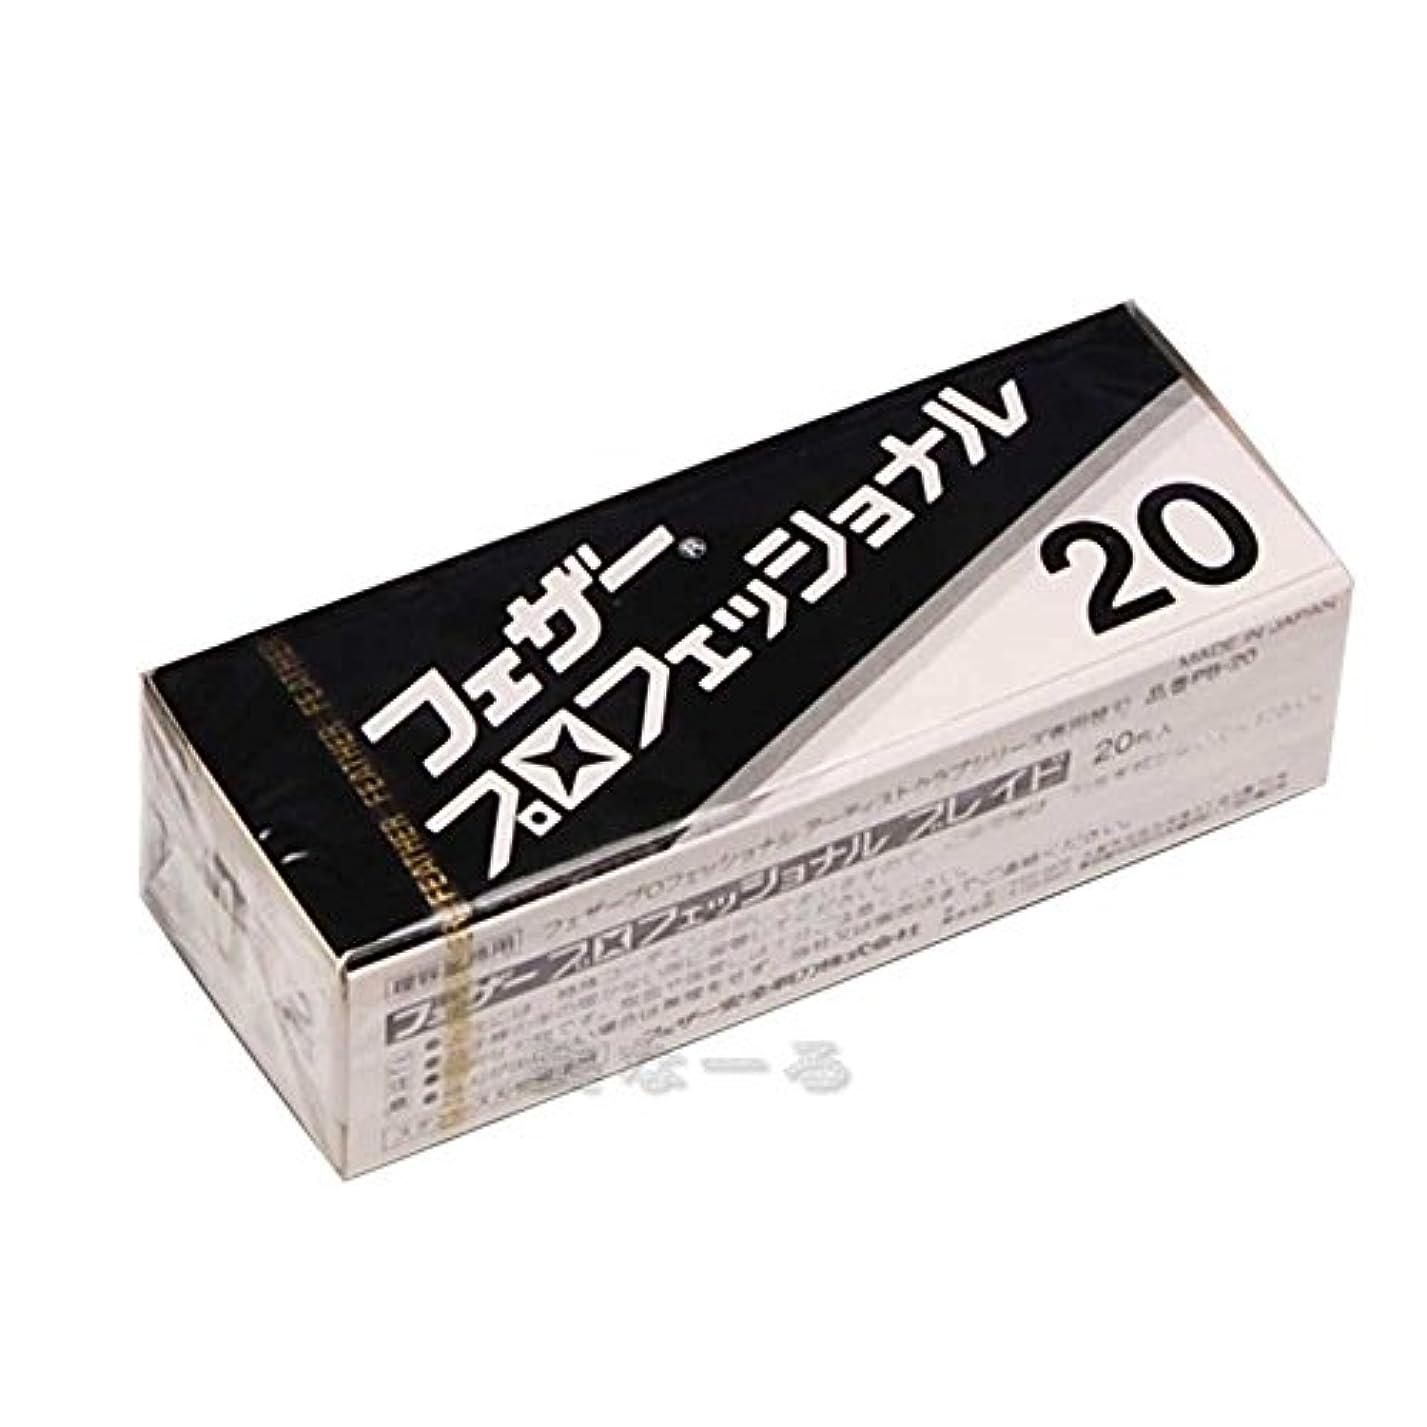 性交ビットフォージフェザー プロフェッショナル ブレイド PB-20 替刃 20枚入